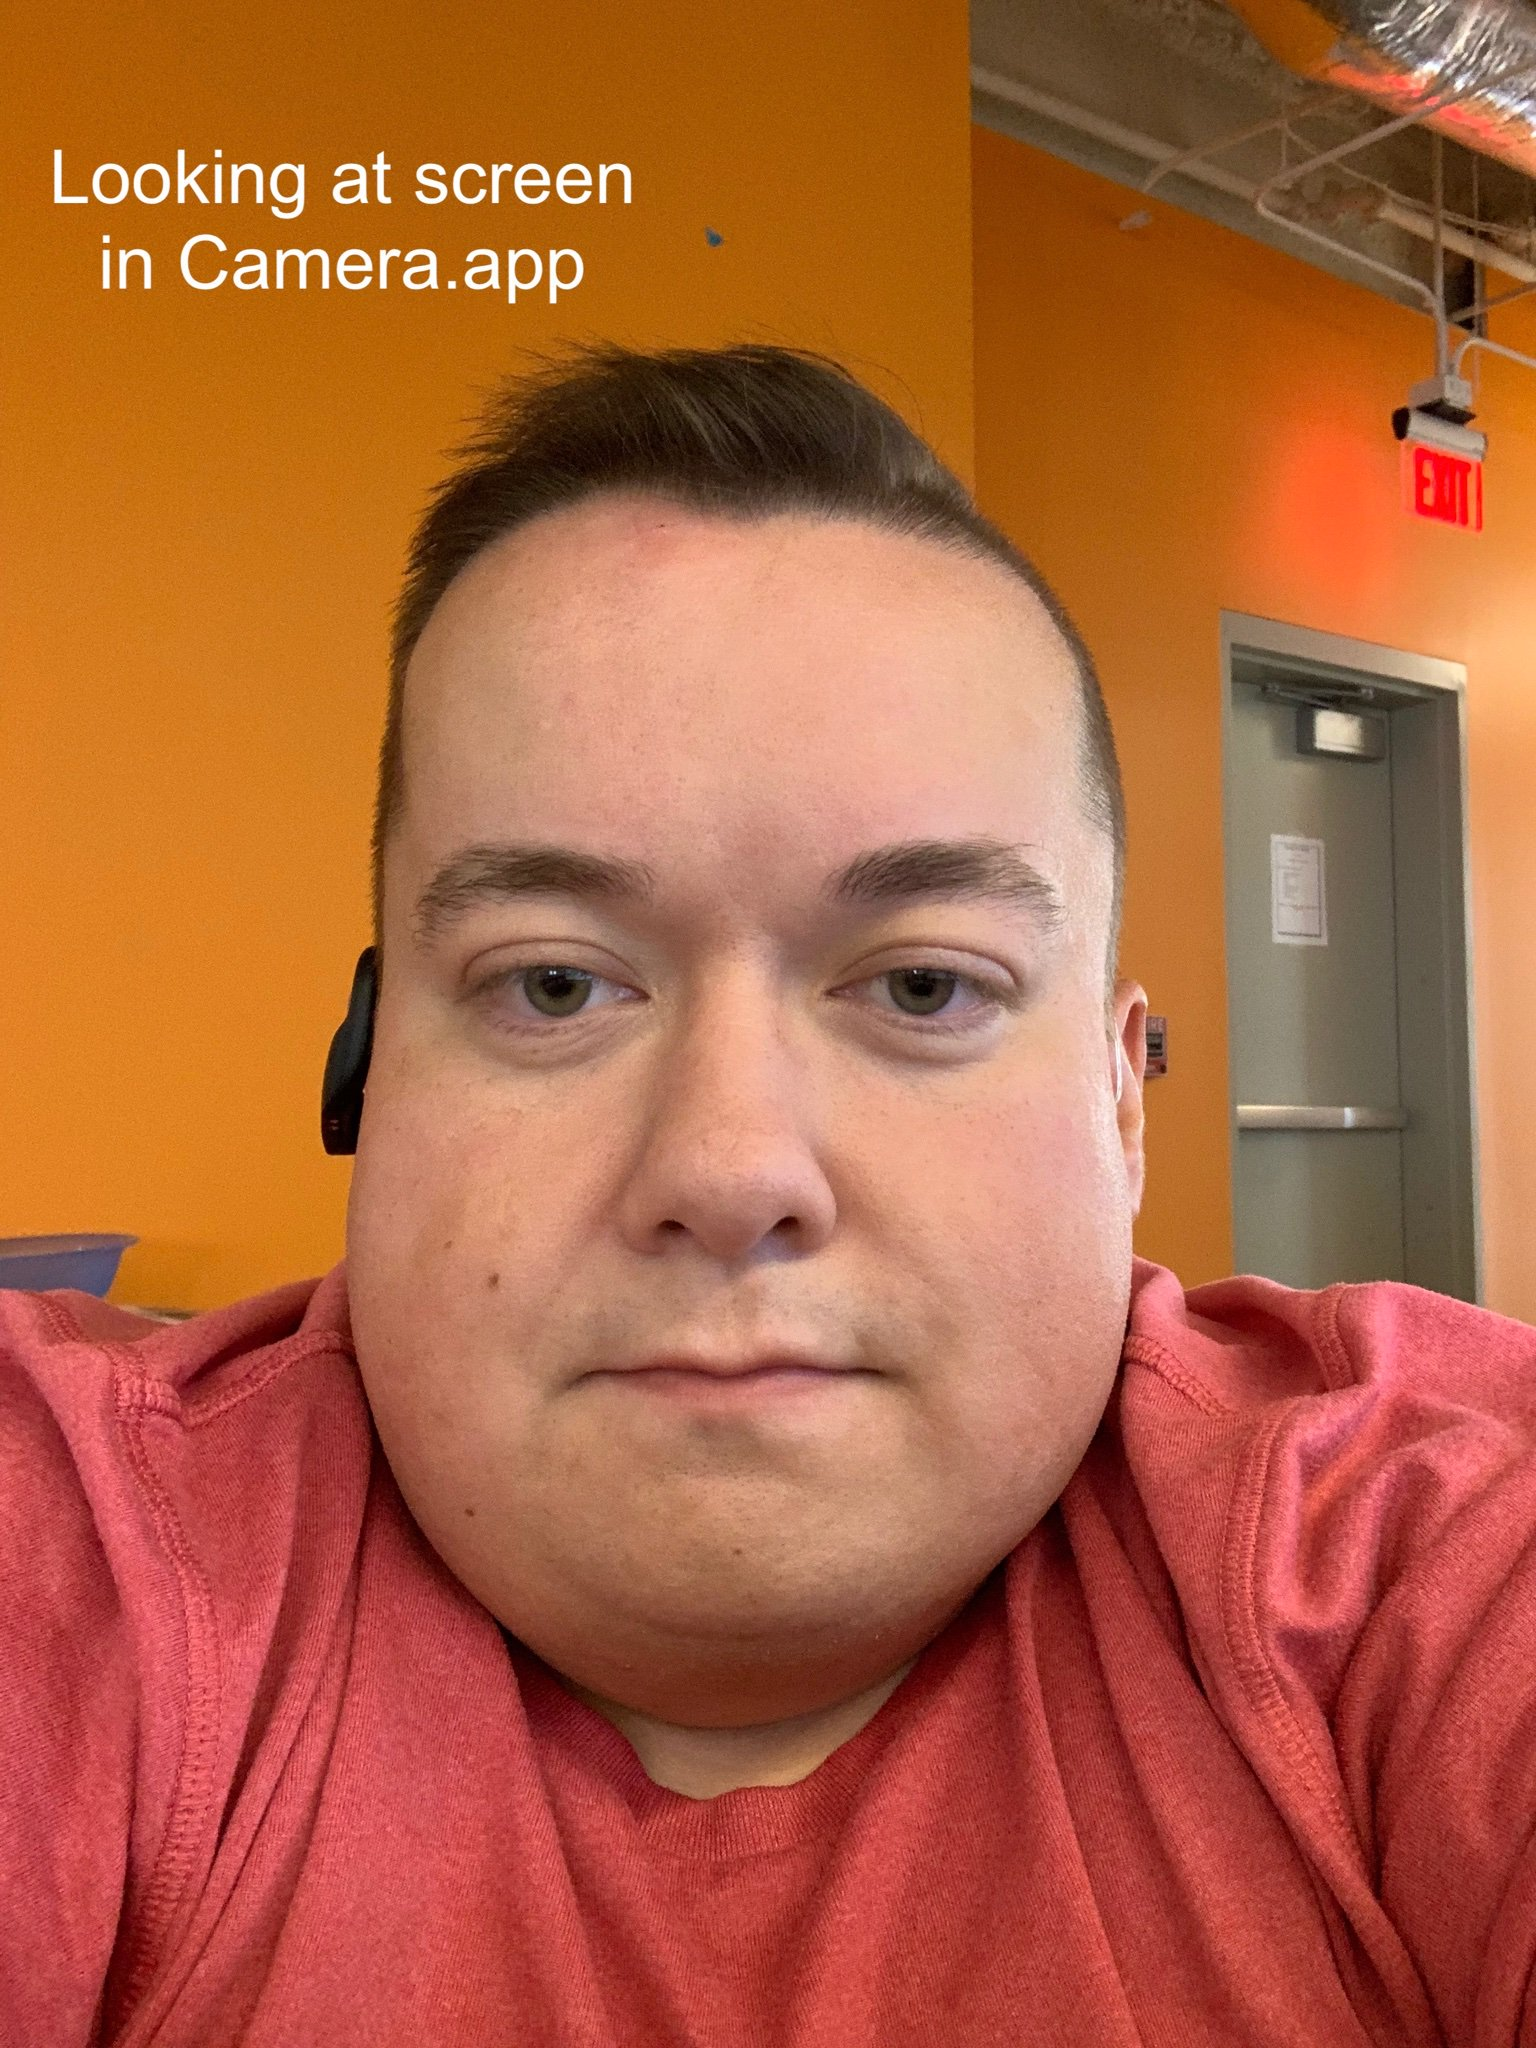 Usuario mirando a la pantalla de un iPhone durante una llamada de FaceTime